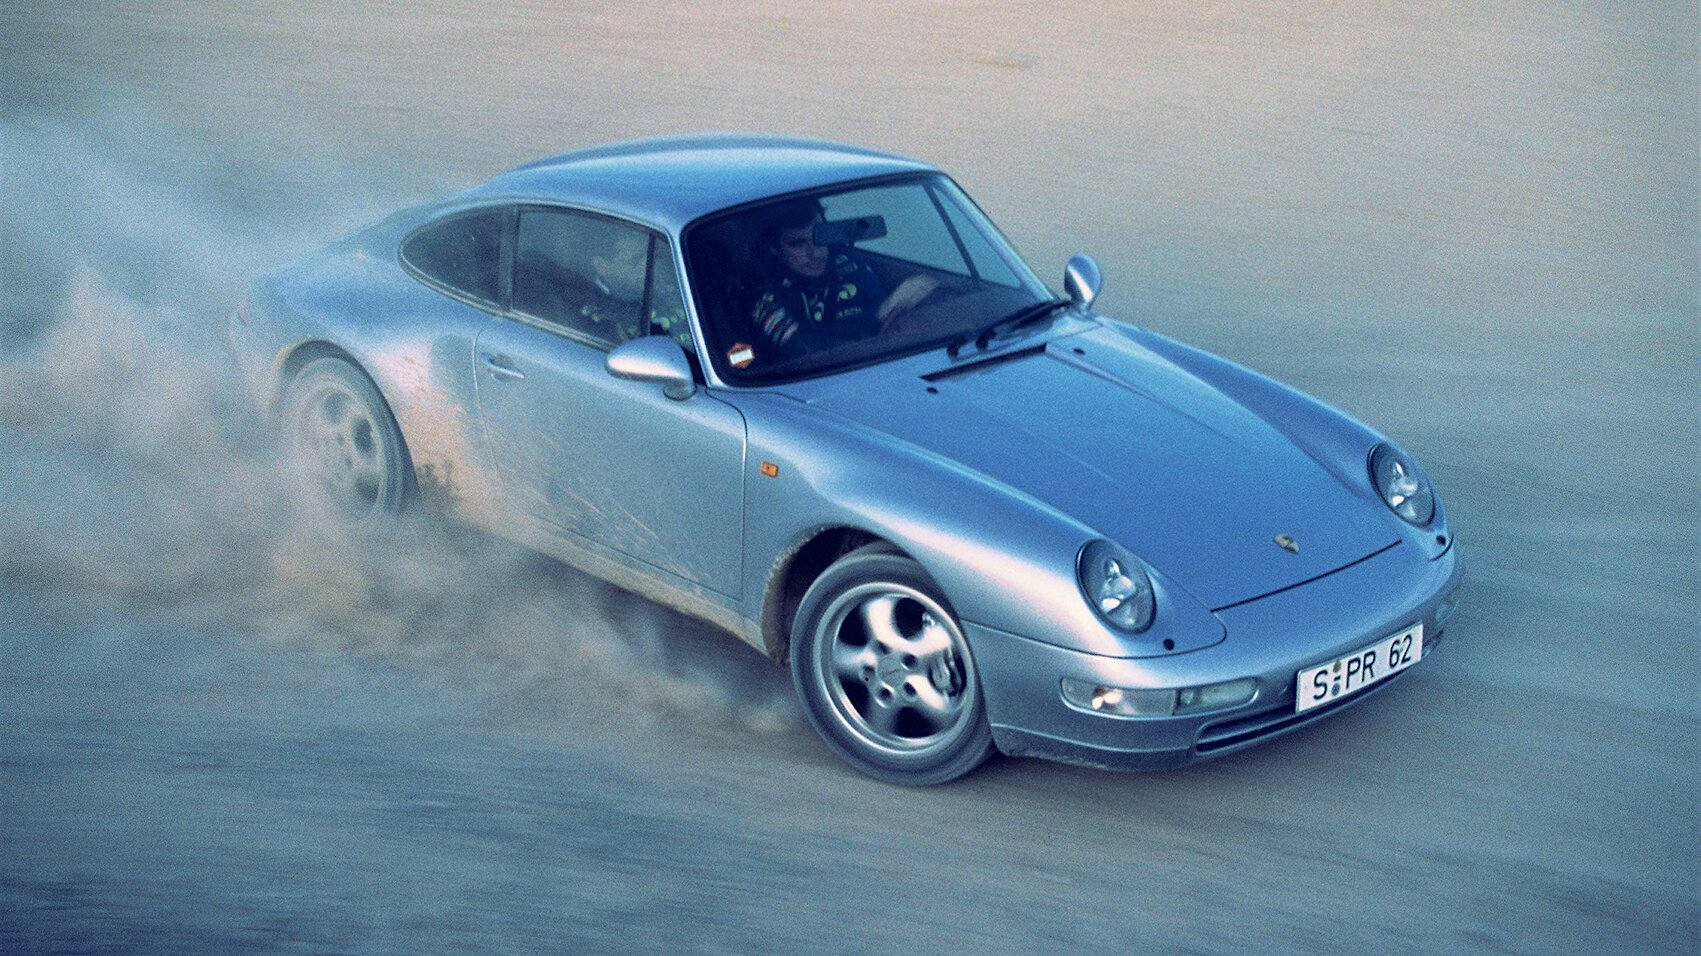 Coche del día: Porsche 911 Carrera 4 3.6 (993)